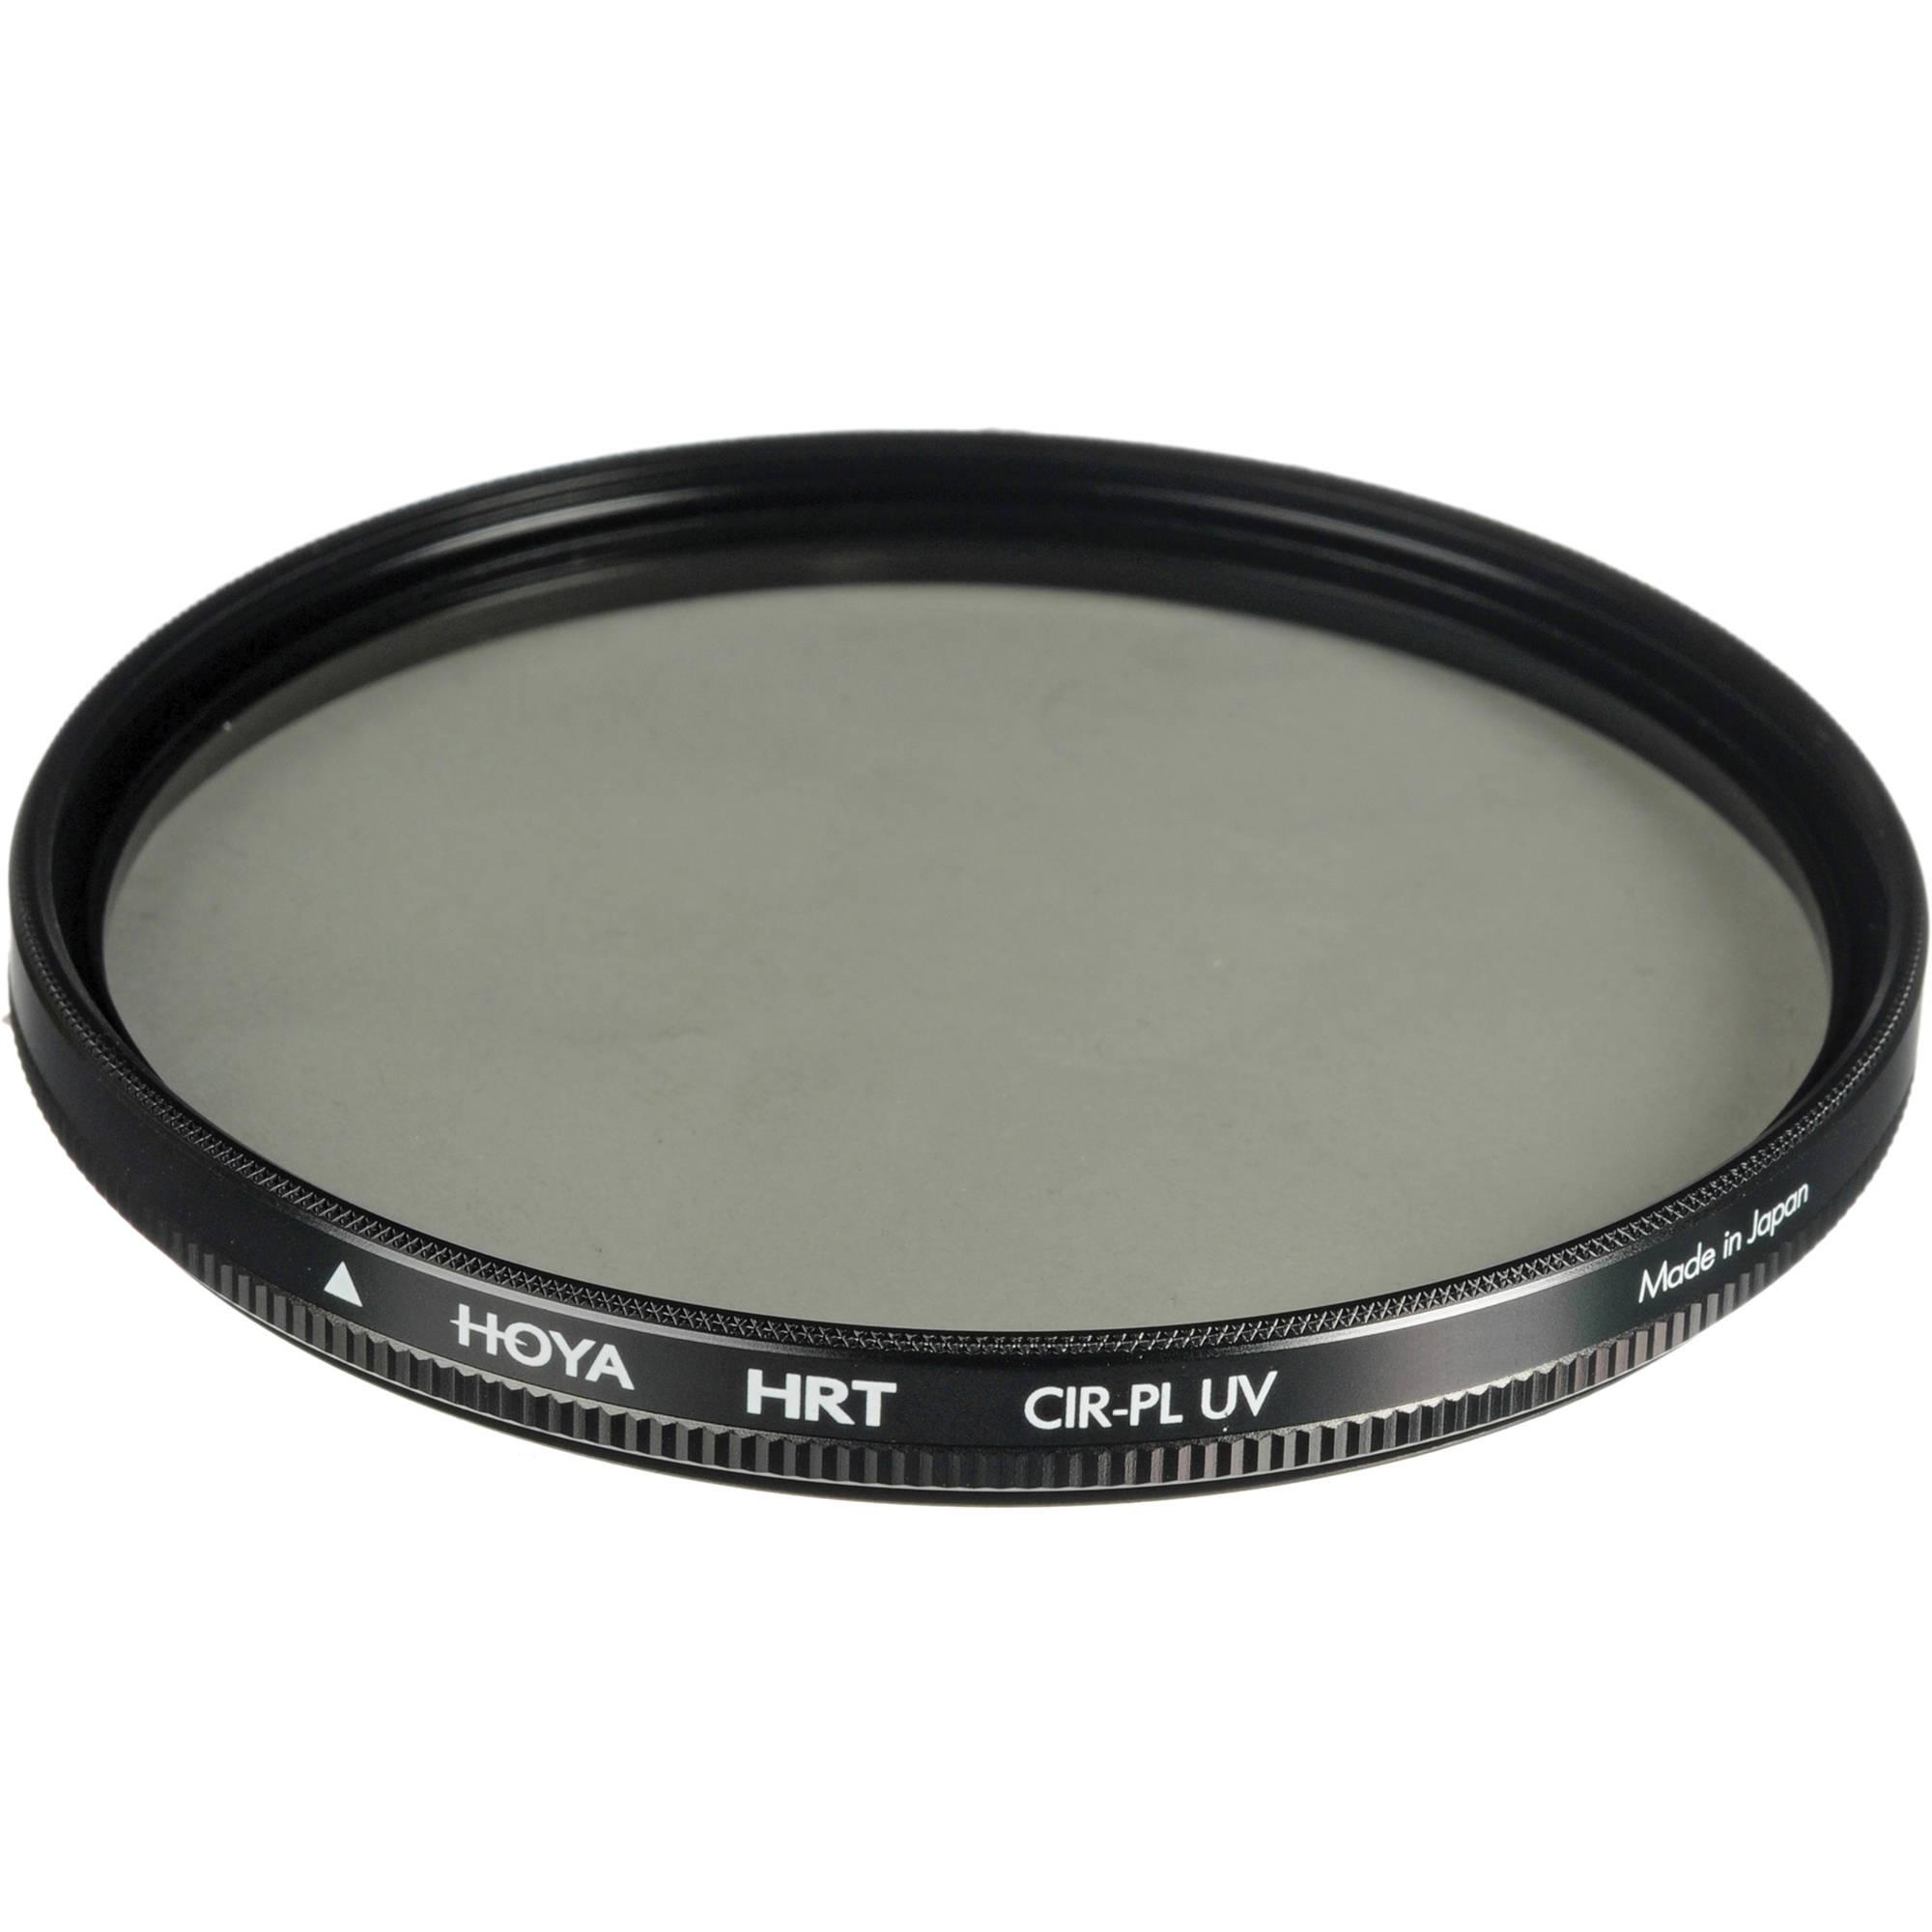 Hoya 67mm HRT Circular Polarizing Filter